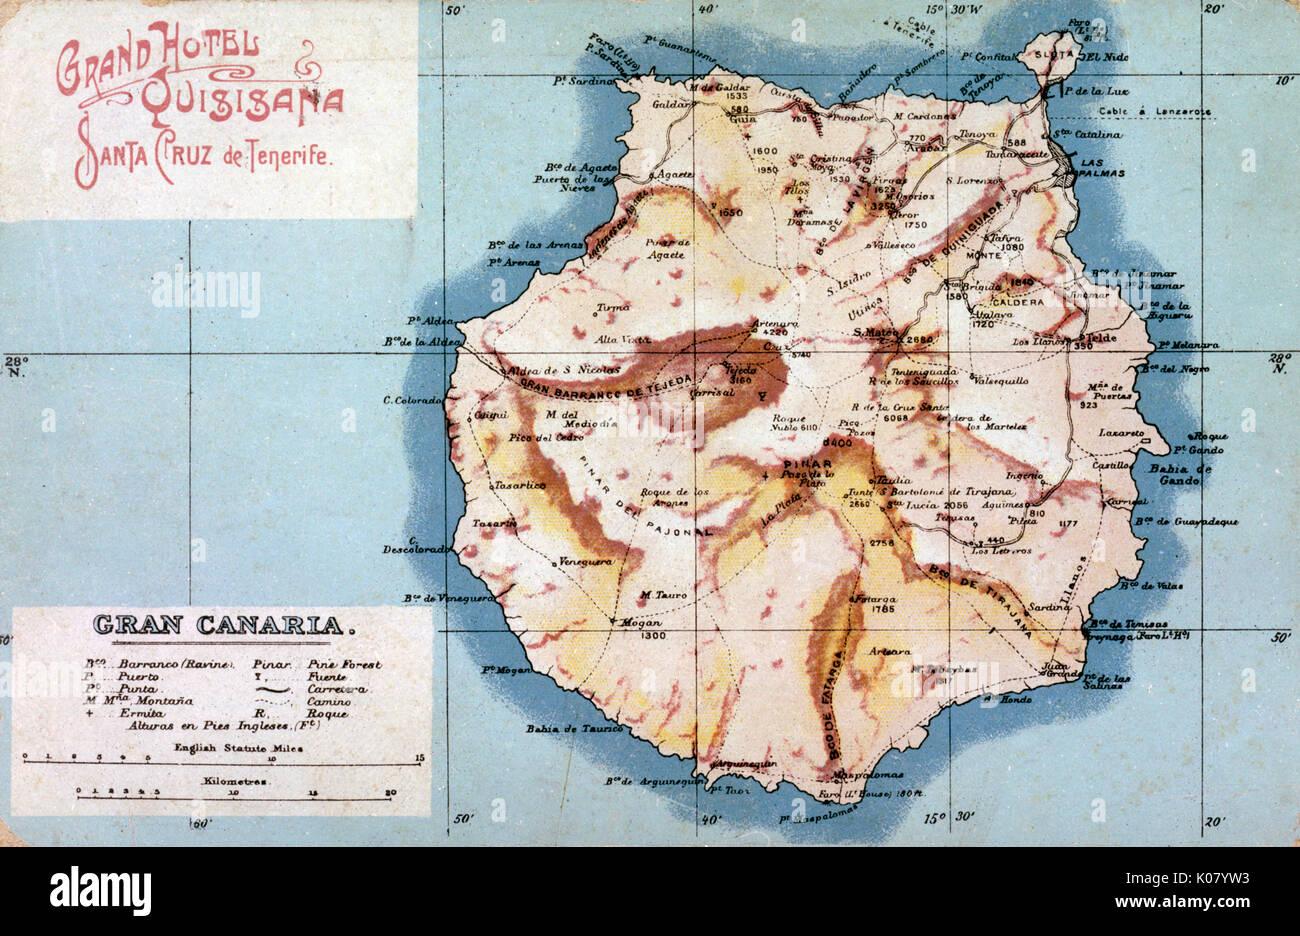 Spanische Inseln Karte.Karte Von Gran Canaria Kanarische Inseln Datum Ca 1908 Stockfoto